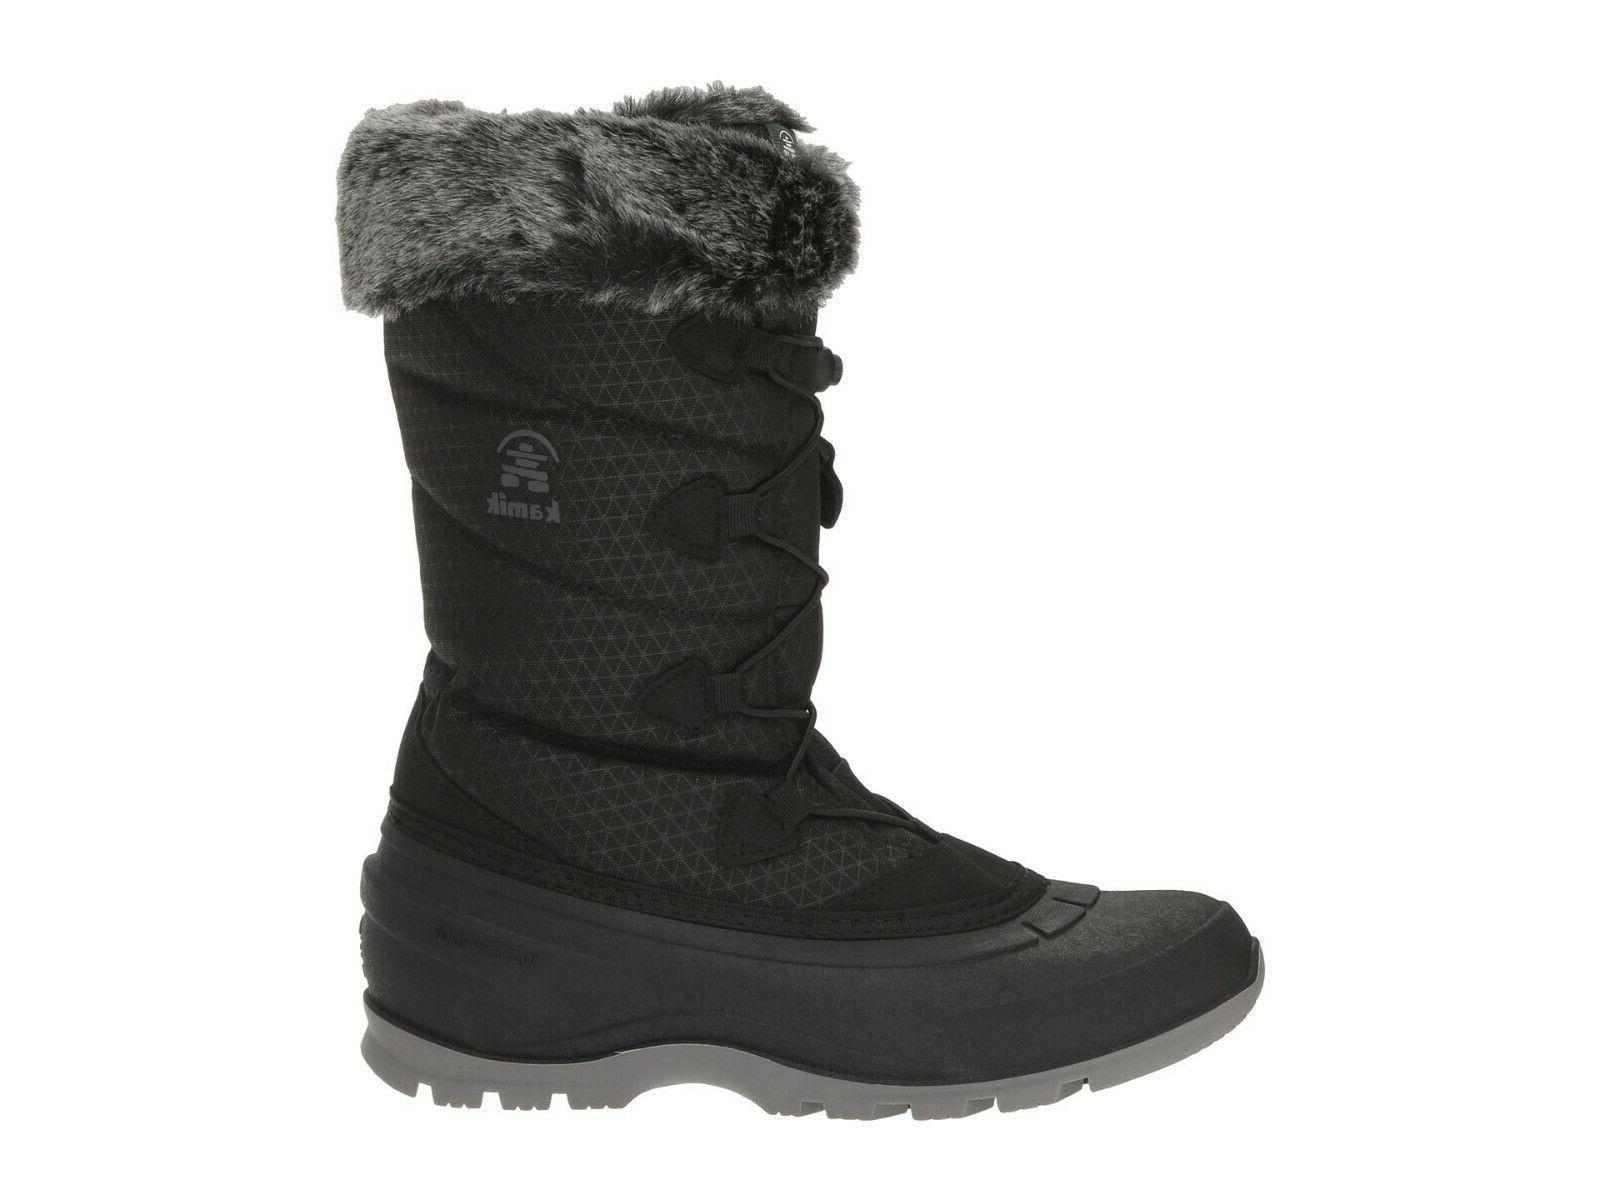 Kamik Women's Momentum2 Insulated Boot Black